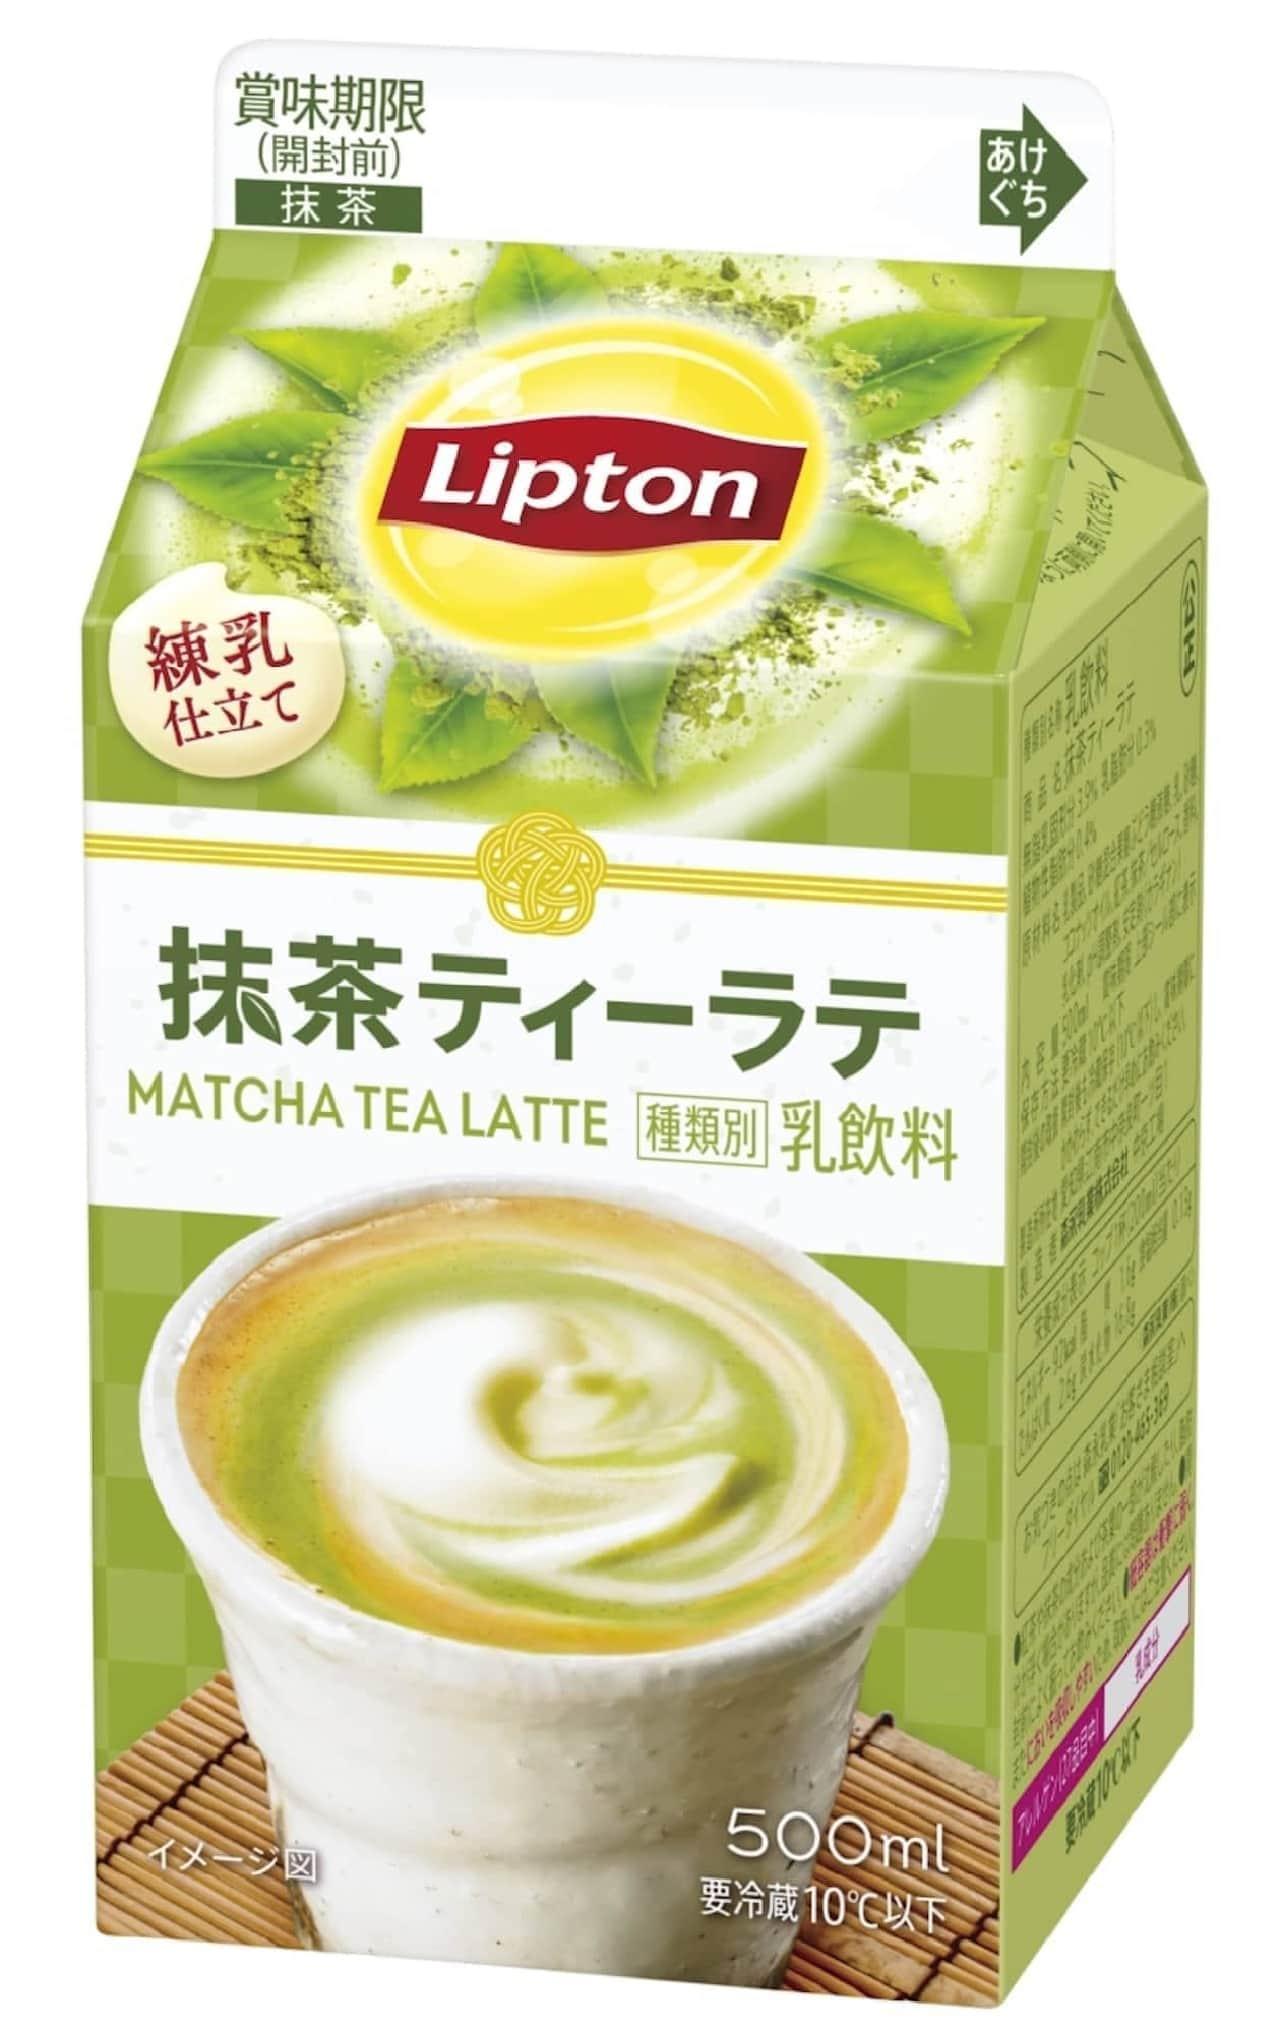 期間限定「リプトン 抹茶ティーラテ」